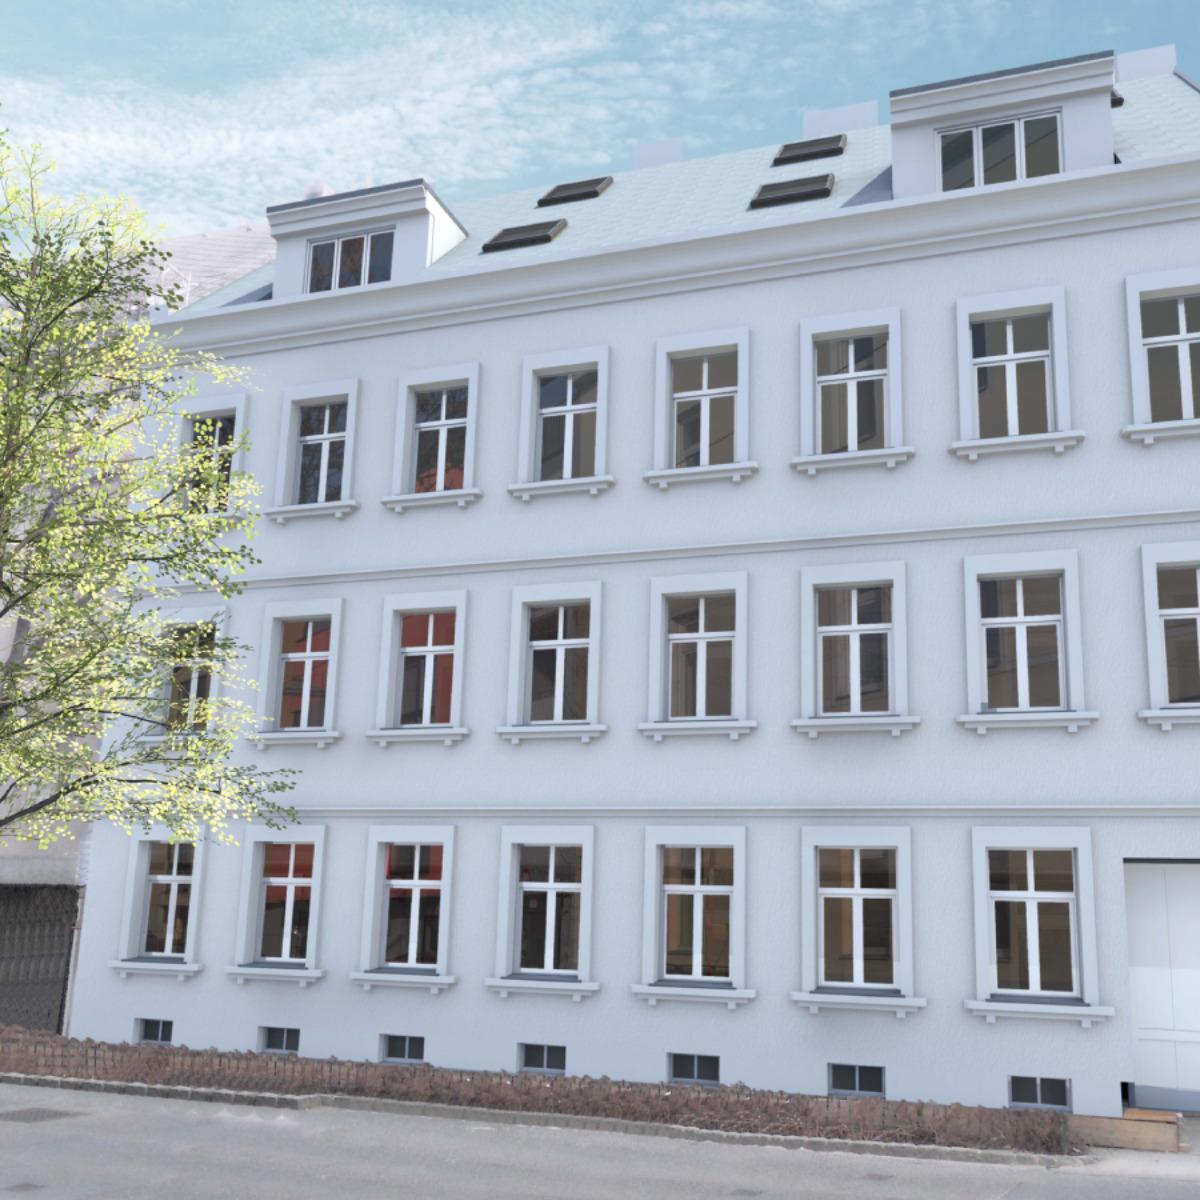 Wohnbauprojekt am Obkircher Markt